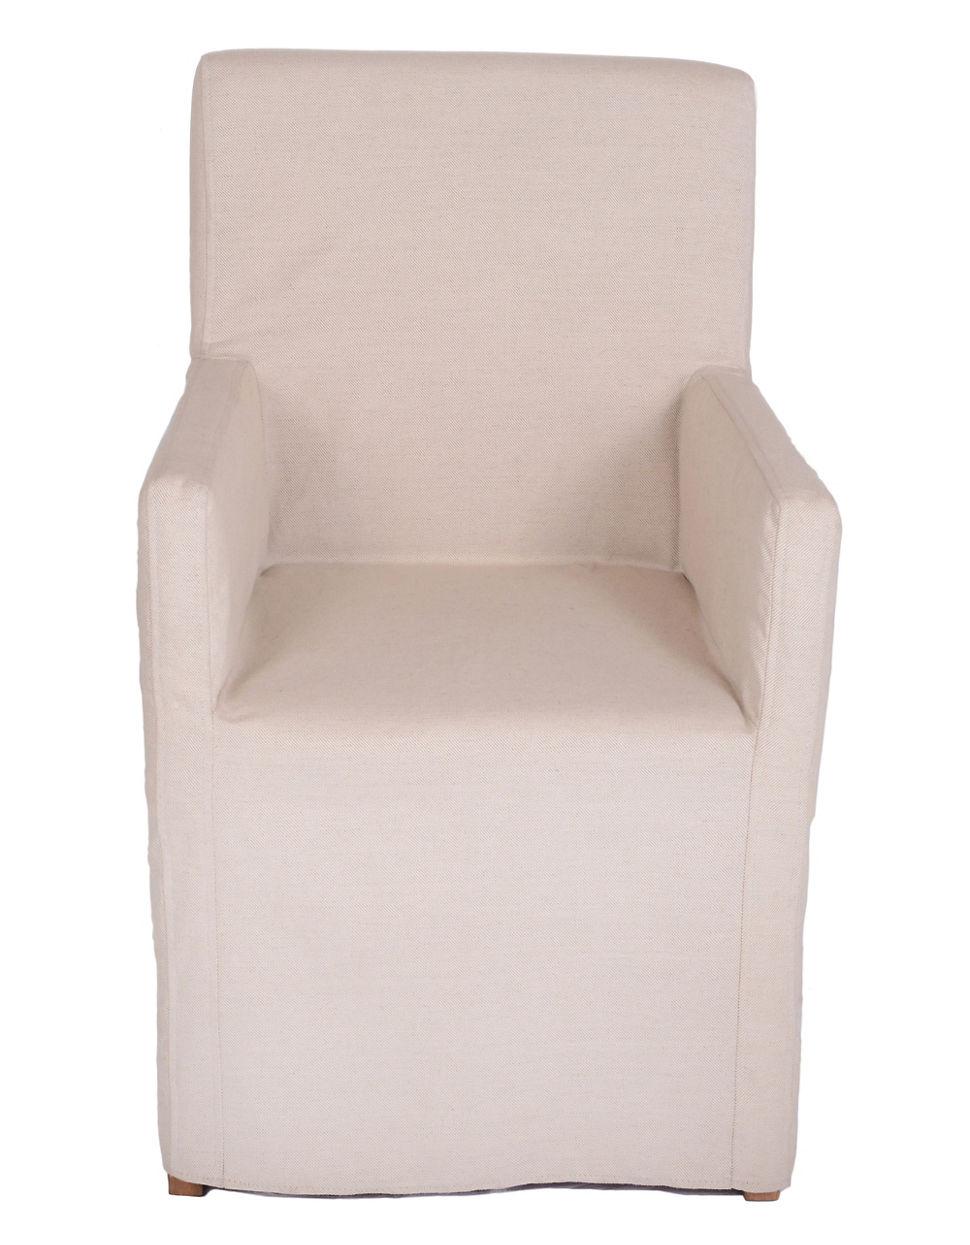 housse pour assise de chaise fashion designs. Black Bedroom Furniture Sets. Home Design Ideas